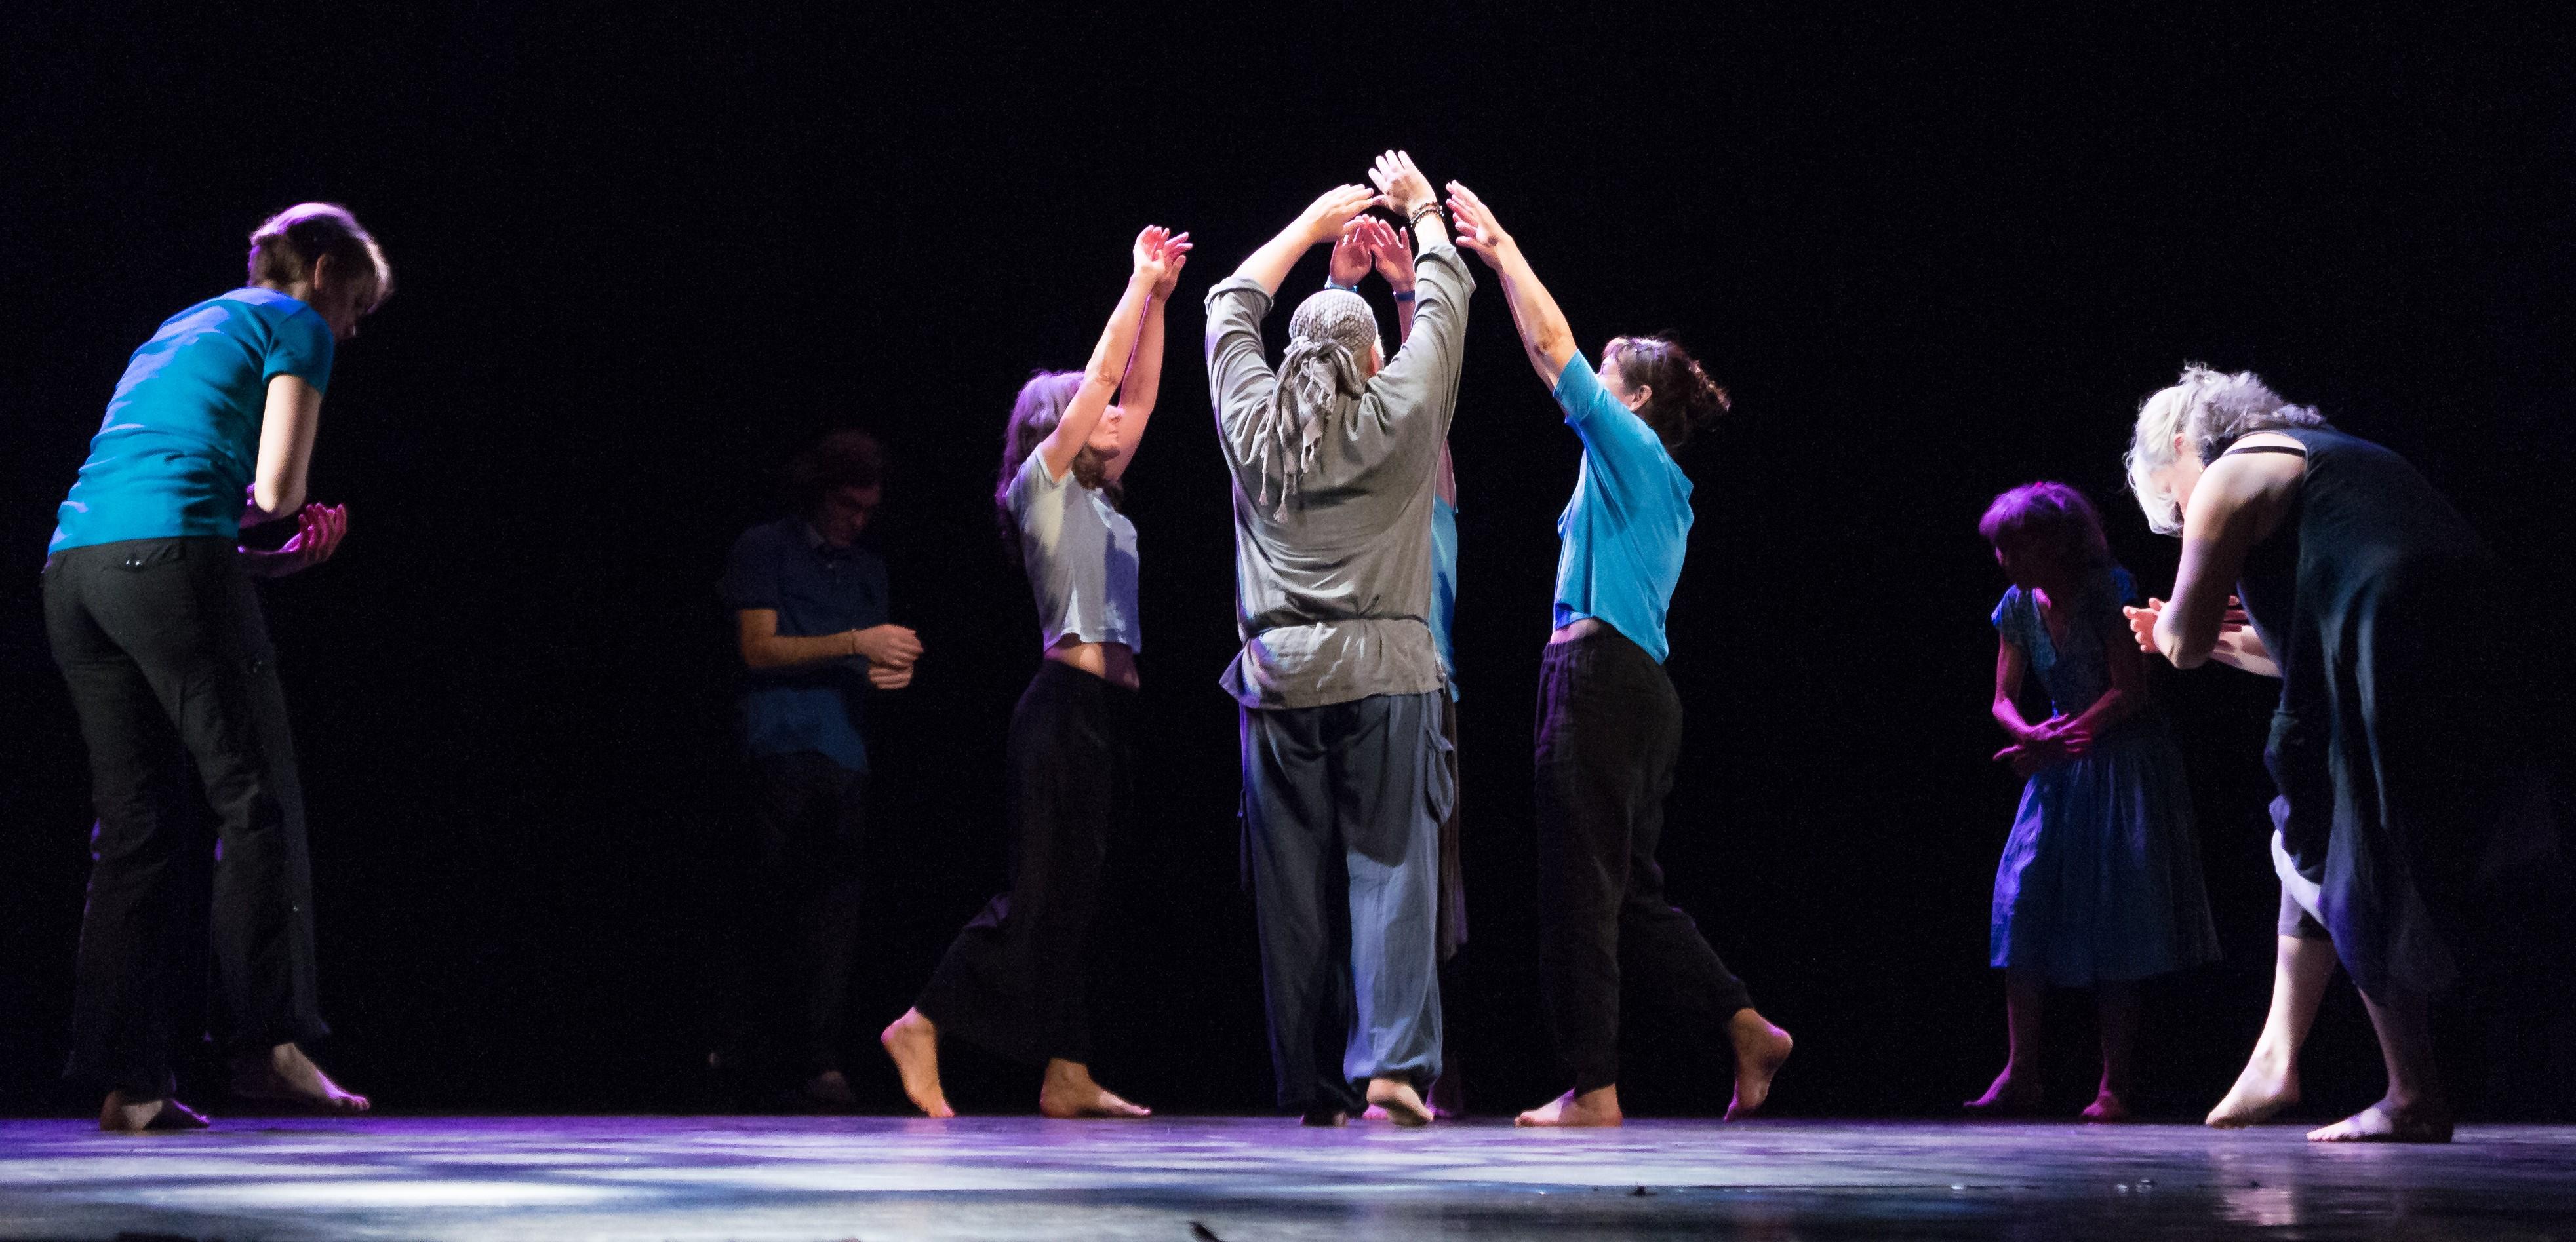 Danse libre Malkovsky